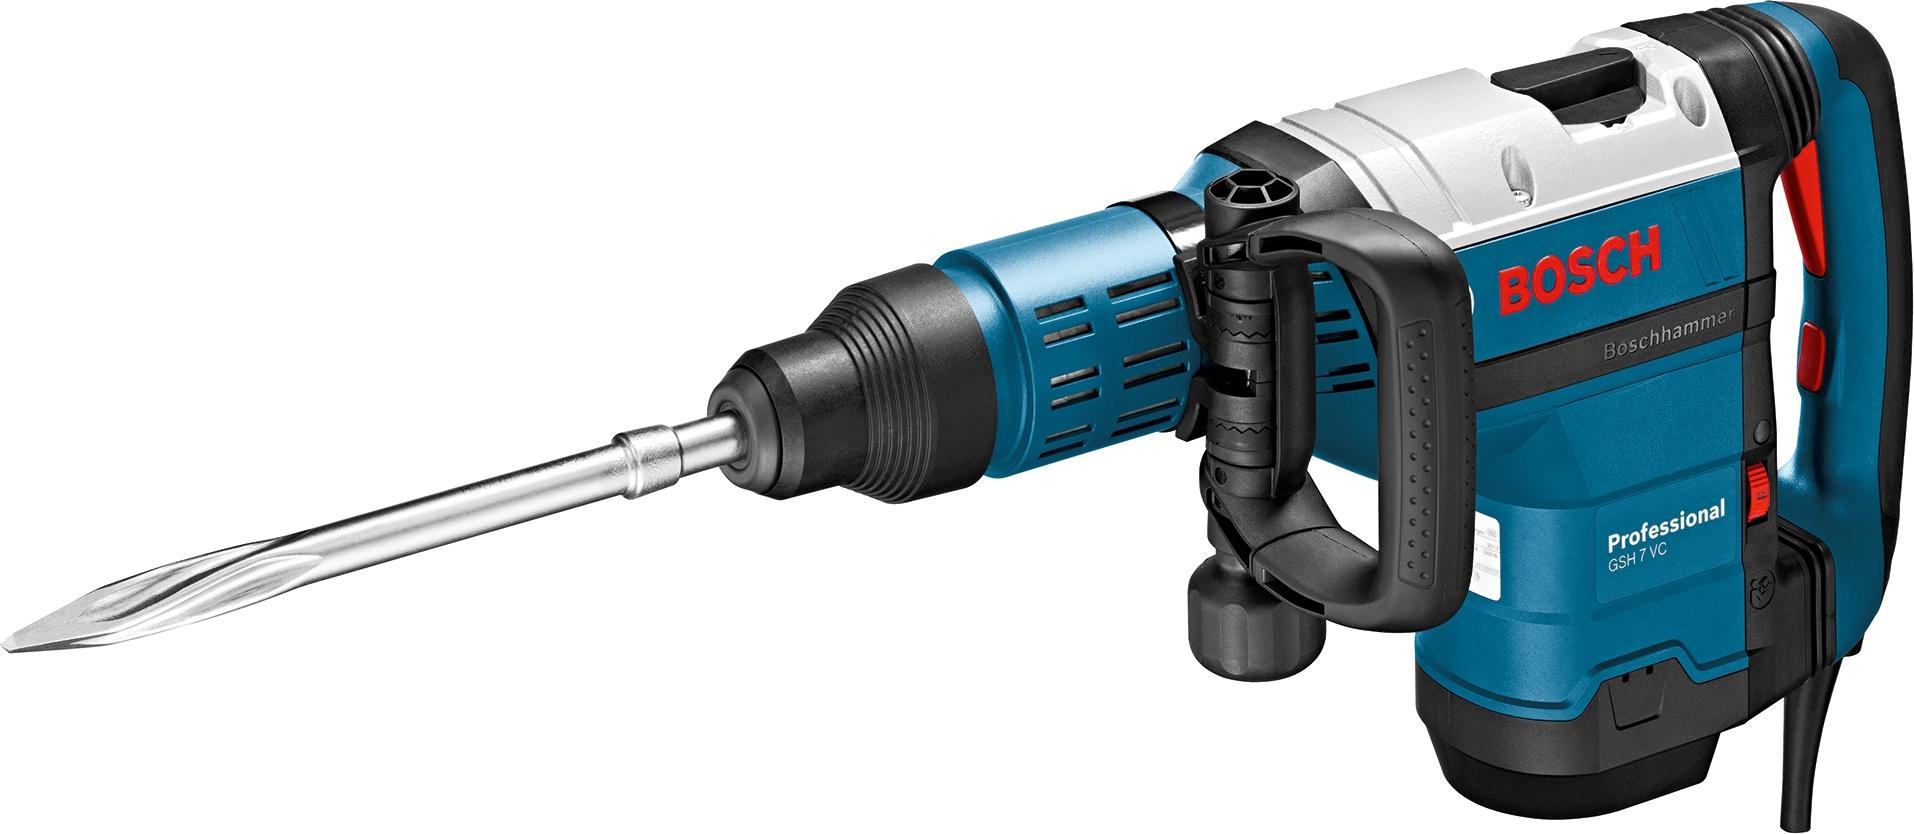 Электрический отбойный молоток Bosch GSH 7 VC 0611322000